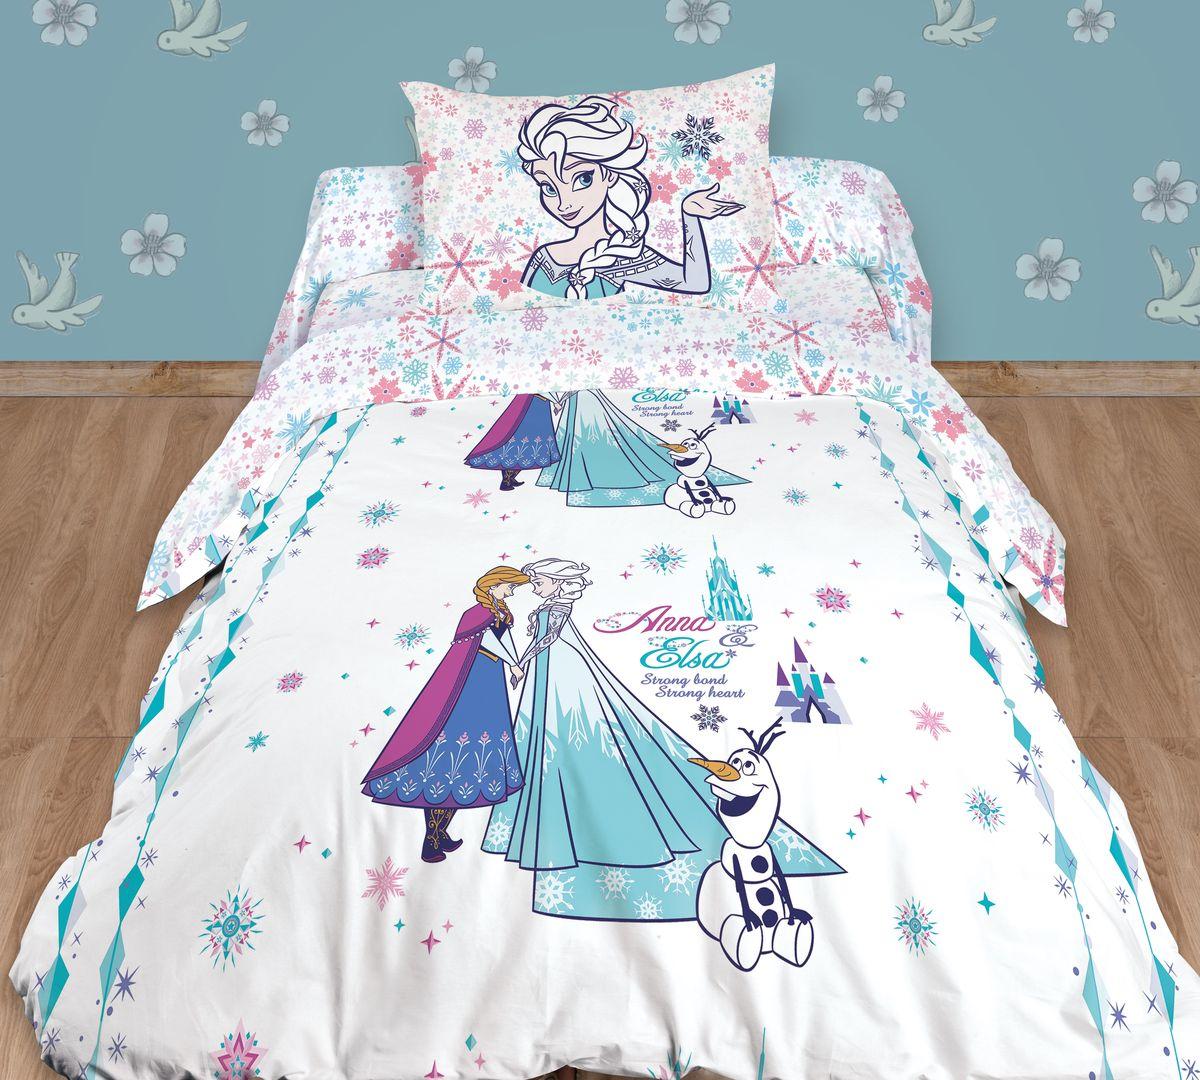 Комплект белья детский Disney, 1,5-спальный, наволочка 70x70, цвет: белый комплект белья seta torme 1 5 спальный наволочки 70x70 цвет голубой